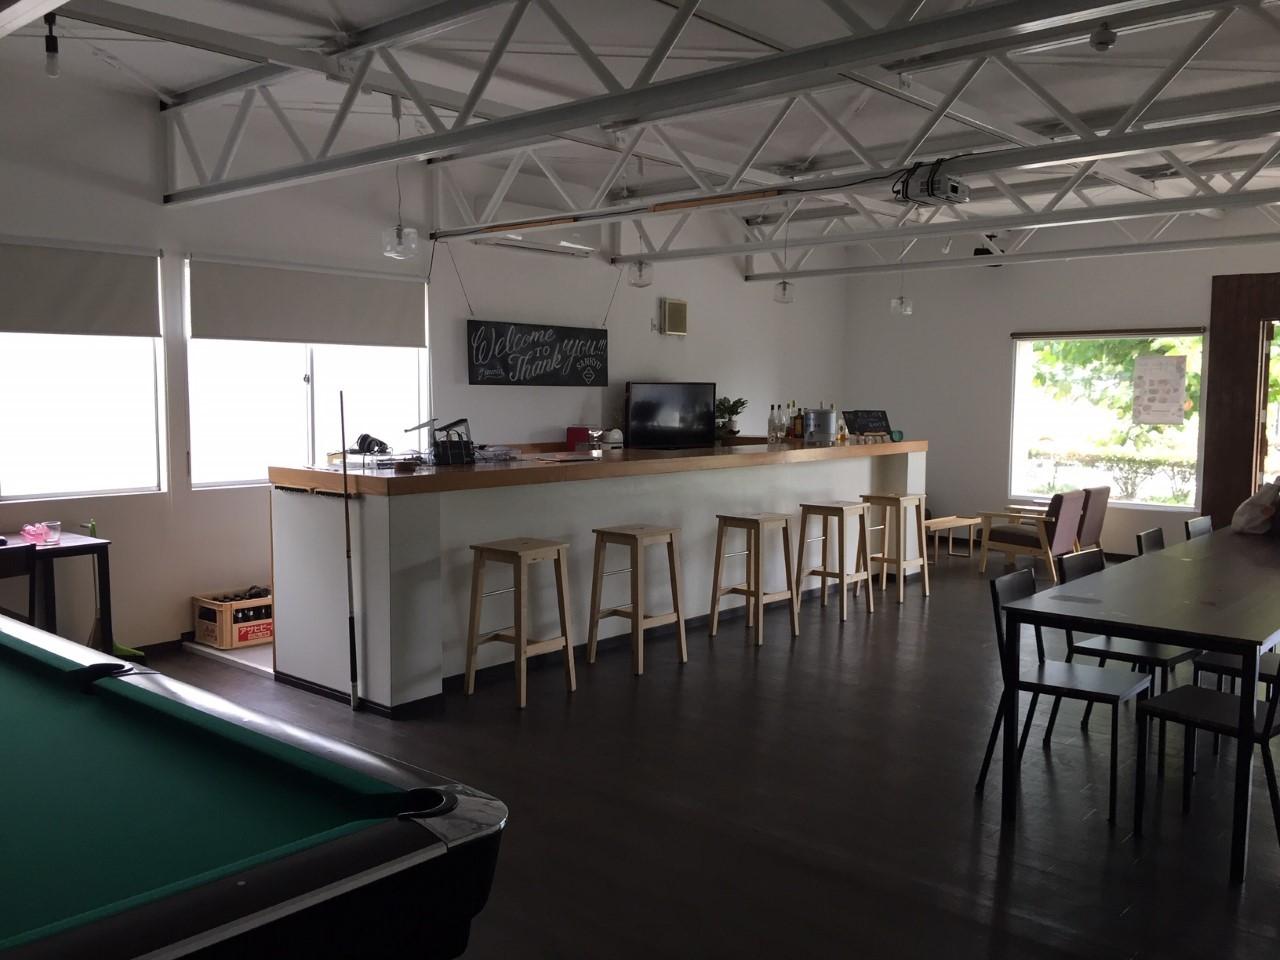 ジャミンのオフィス。1階にはビリヤード台やバーカウンターが設置してある。毎週金曜日の夜はバーとして地域に開放する